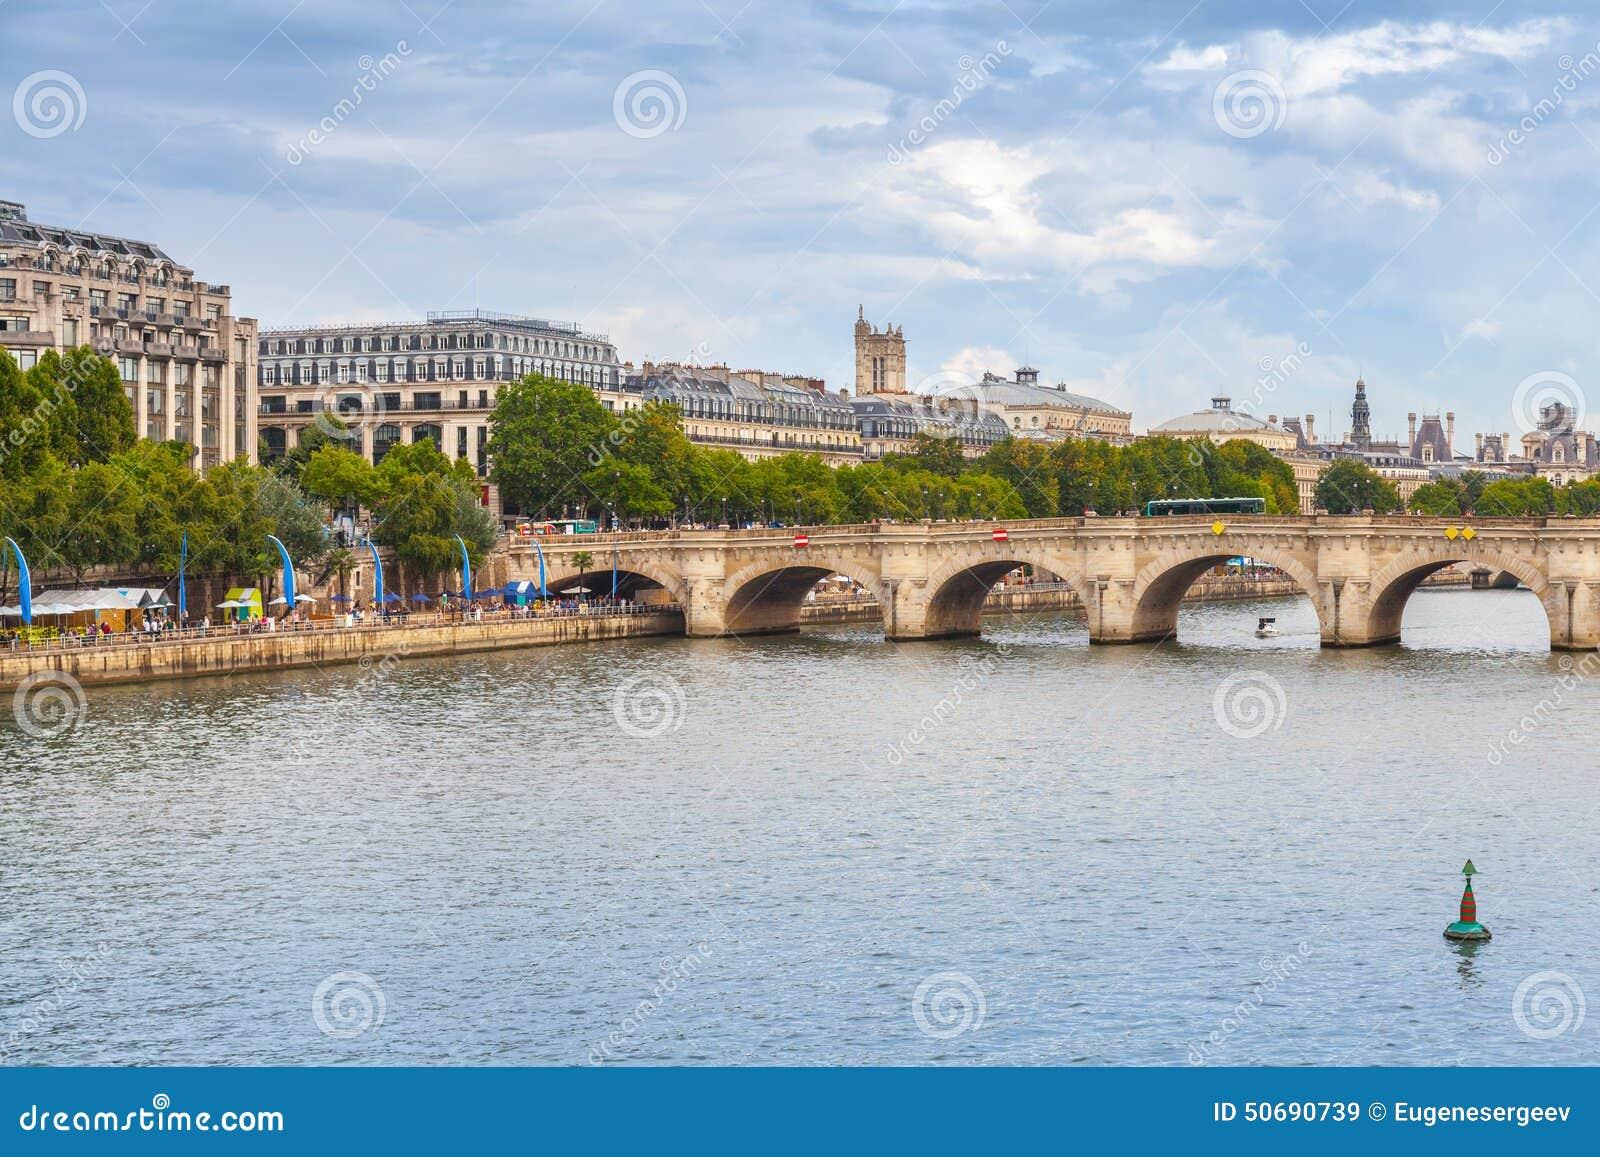 Download 新桥 横跨塞纳河的最旧的桥梁在巴黎 库存图片. 图片 包括有 纪念碑, 石头, 堤防, 著名, 都市风景 - 50690739